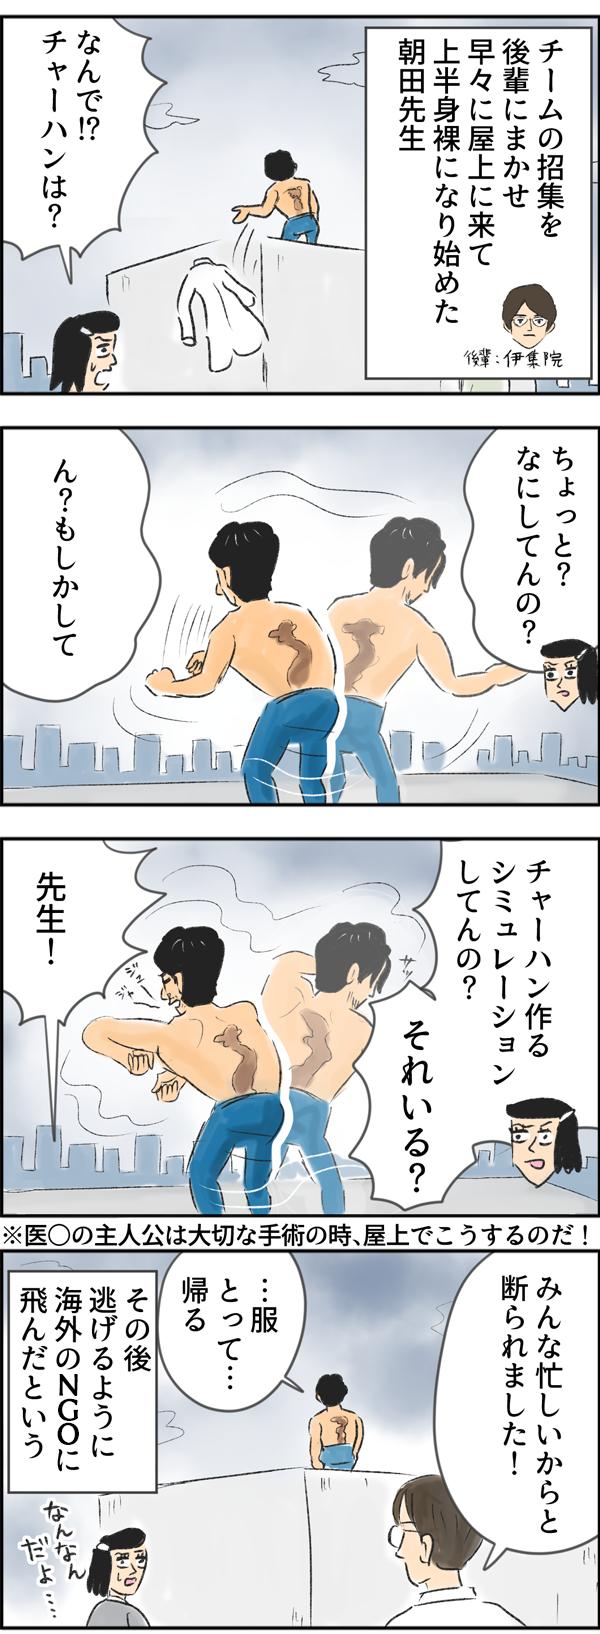 チームの招集を後輩の伊集院に任せ、早々に屋上に行き、上半身裸になり始めた朝田先生。さちこはその様子を見つめながら、「ん?もしかして、チャーハン作るシュミレーションしてんの?それいる?!」と行動の意味に気が付き、ツッコミをいれました。(※医◯の主人公は大切な手術の時、屋上でこうするのだ!)すると、チームの収集を命じられていた伊集院が戻ってきて、「みんな忙しいからと断られました!」と告げると、朝田先生は、寂しそうにその場を去った後、逃げるように海外のNGOに飛んだのであった。